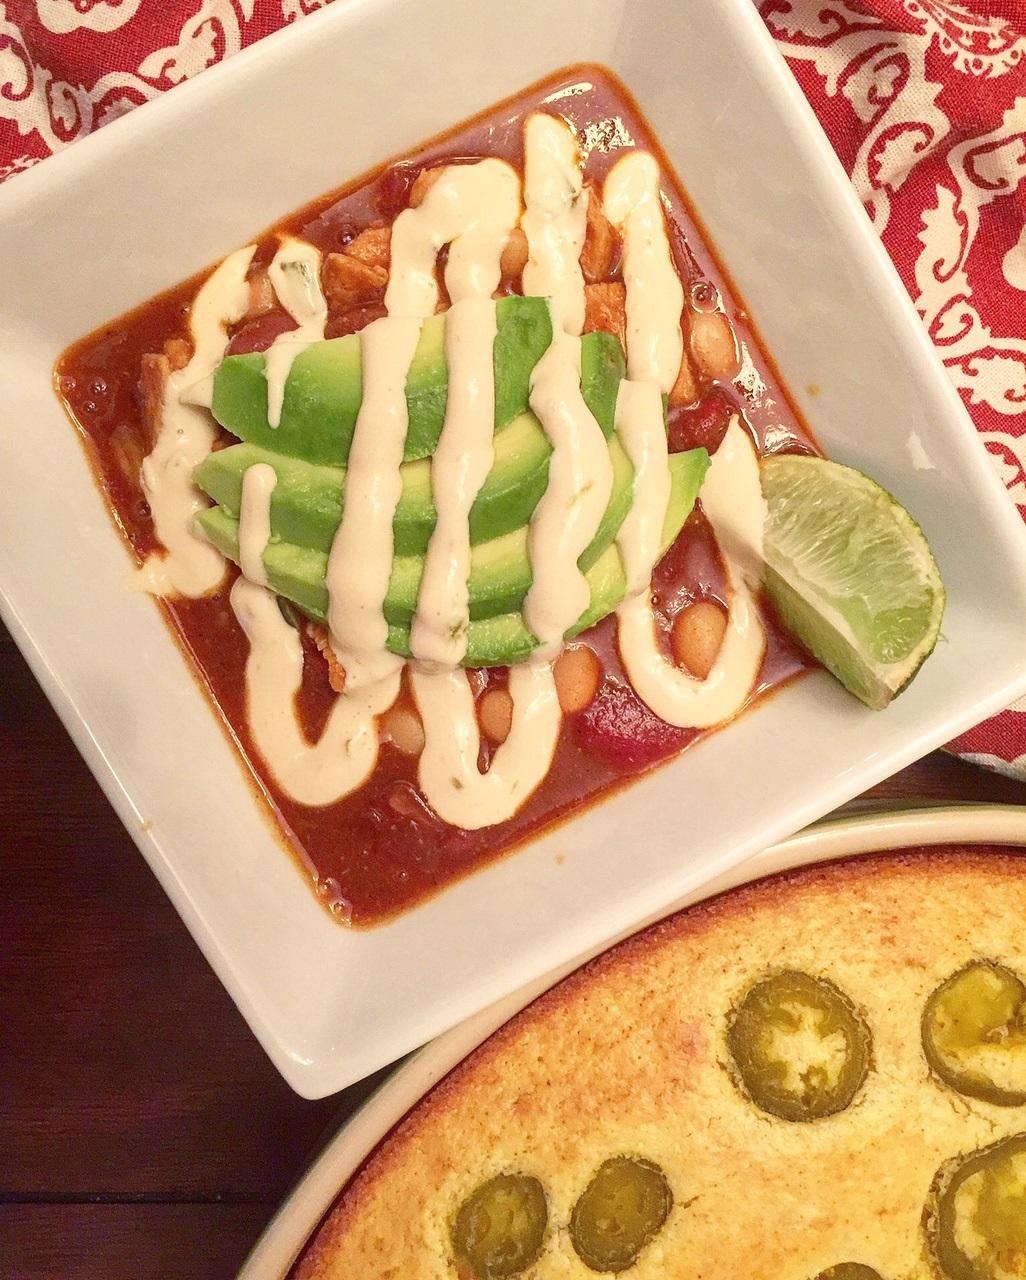 queso-chili-with-sour-cream-cornbread